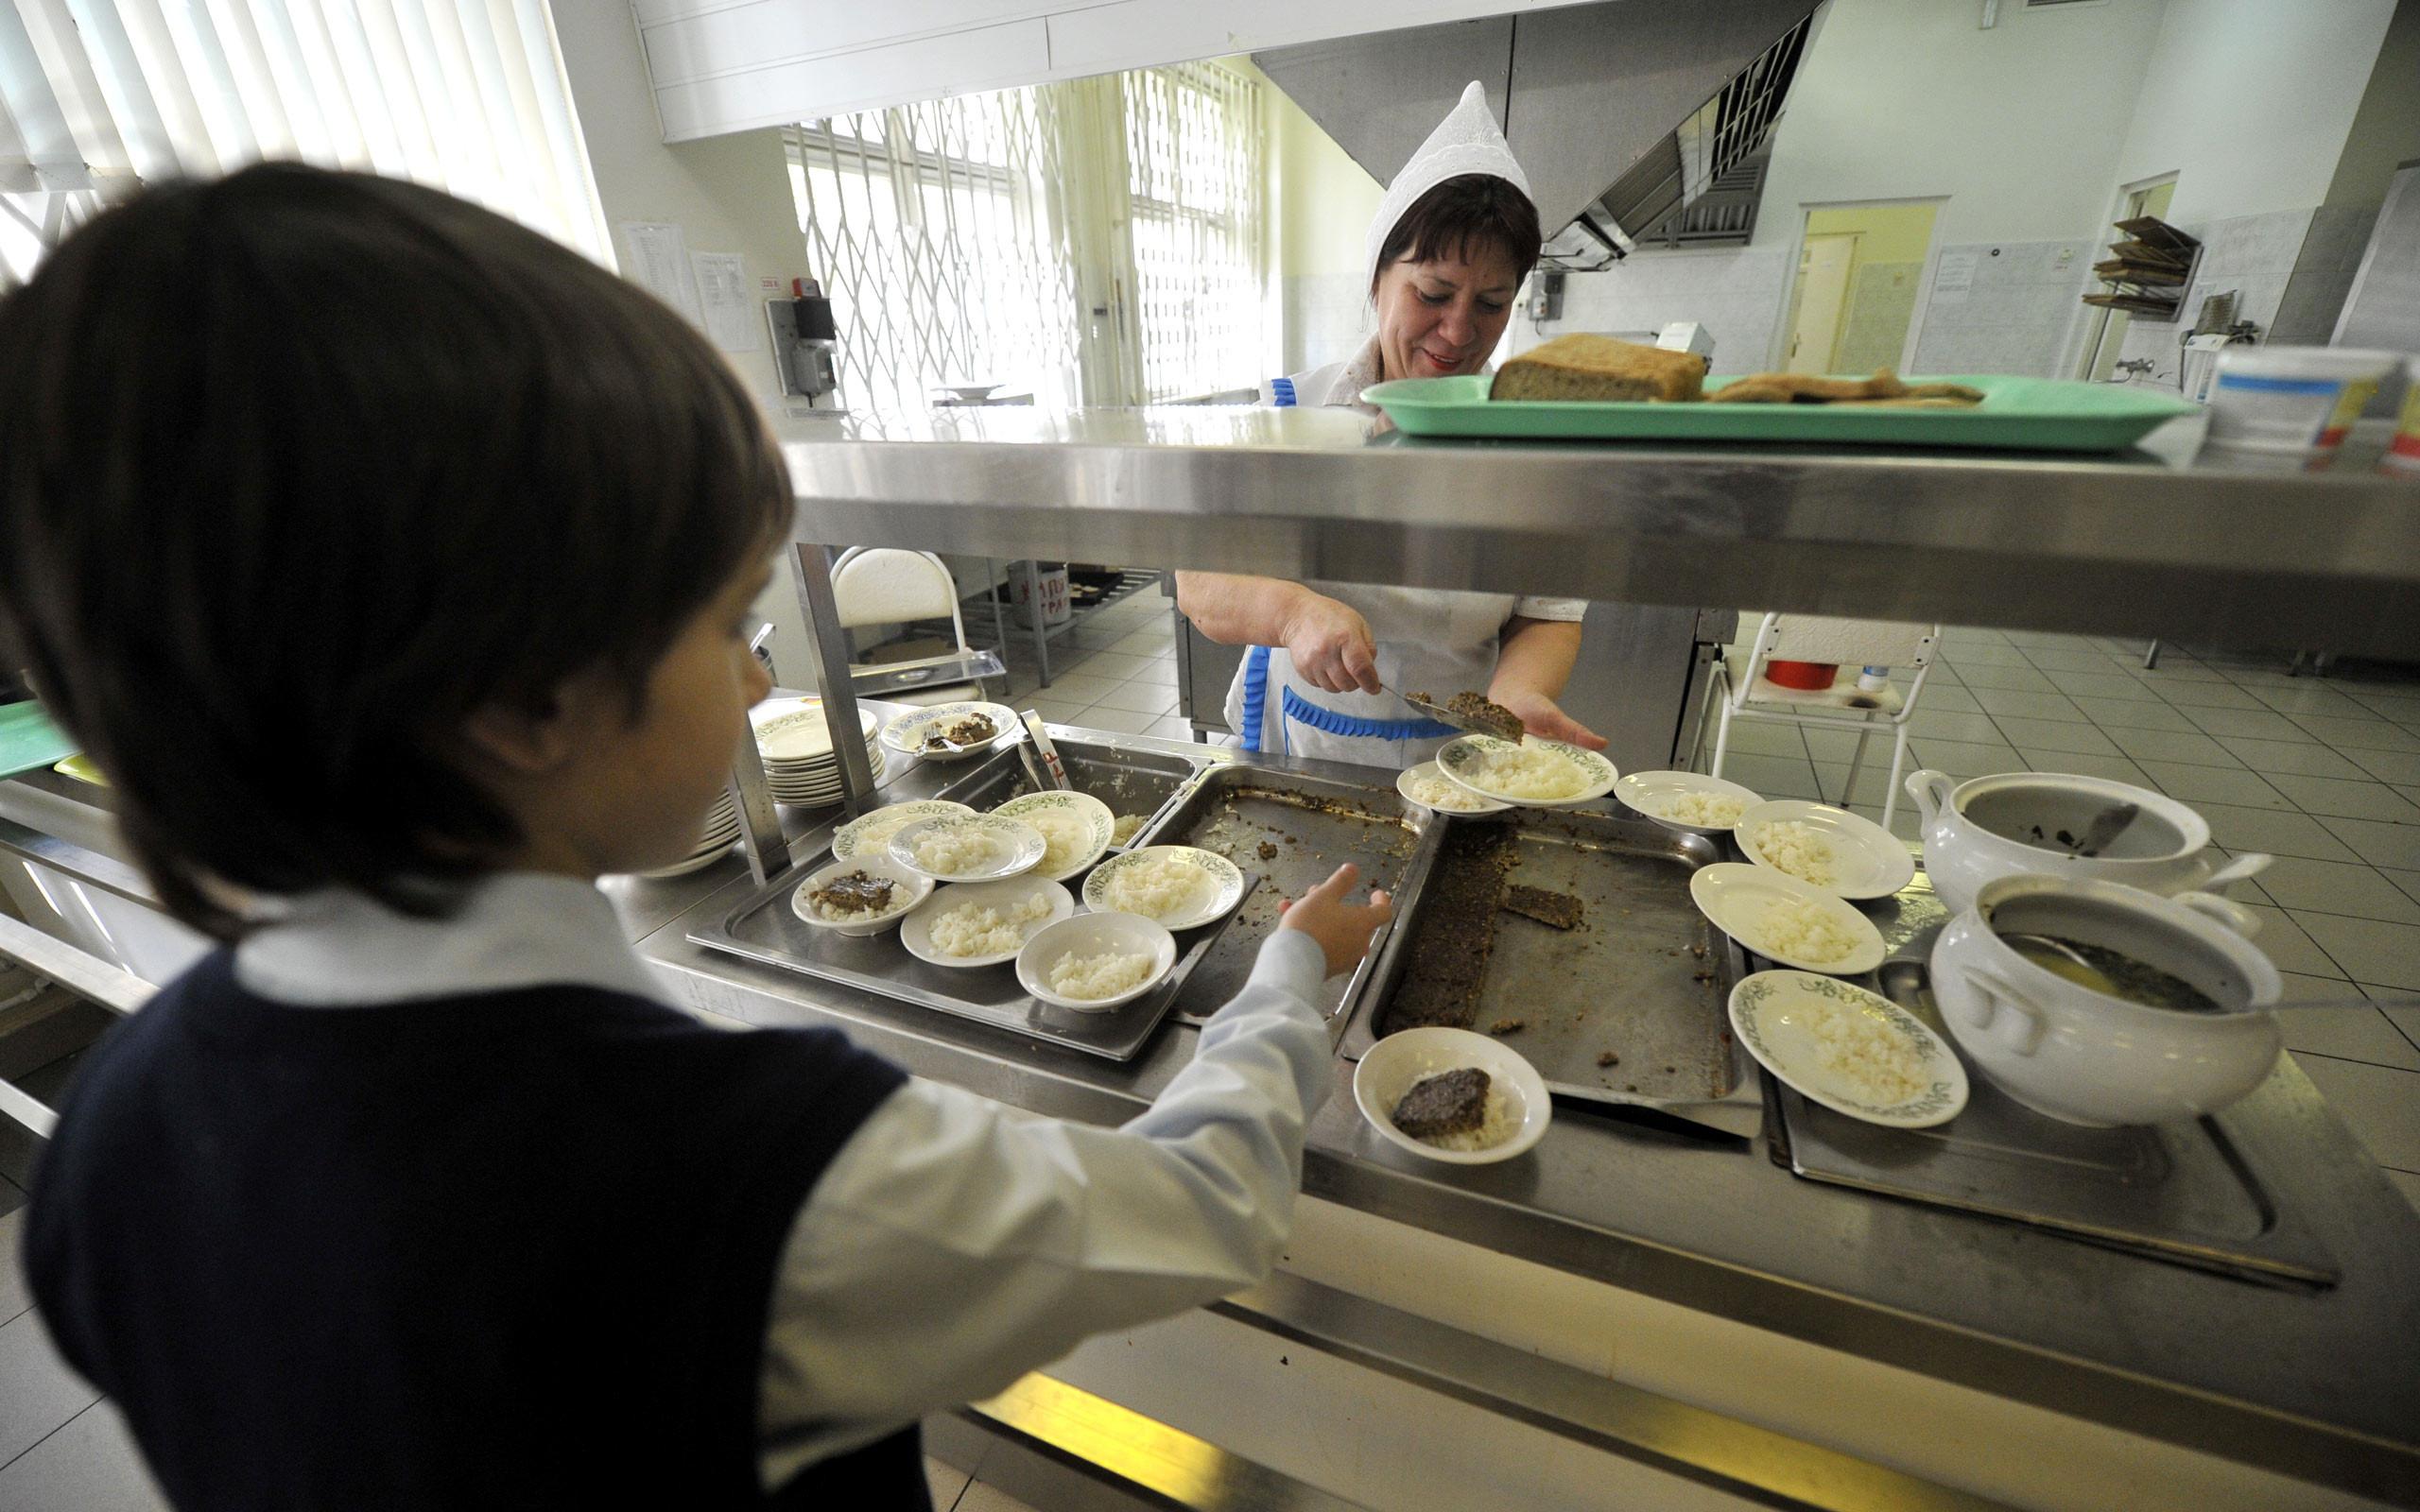 Школа № 362 в Петербурге столкнулась с жалобами родителей на питание и работу директора